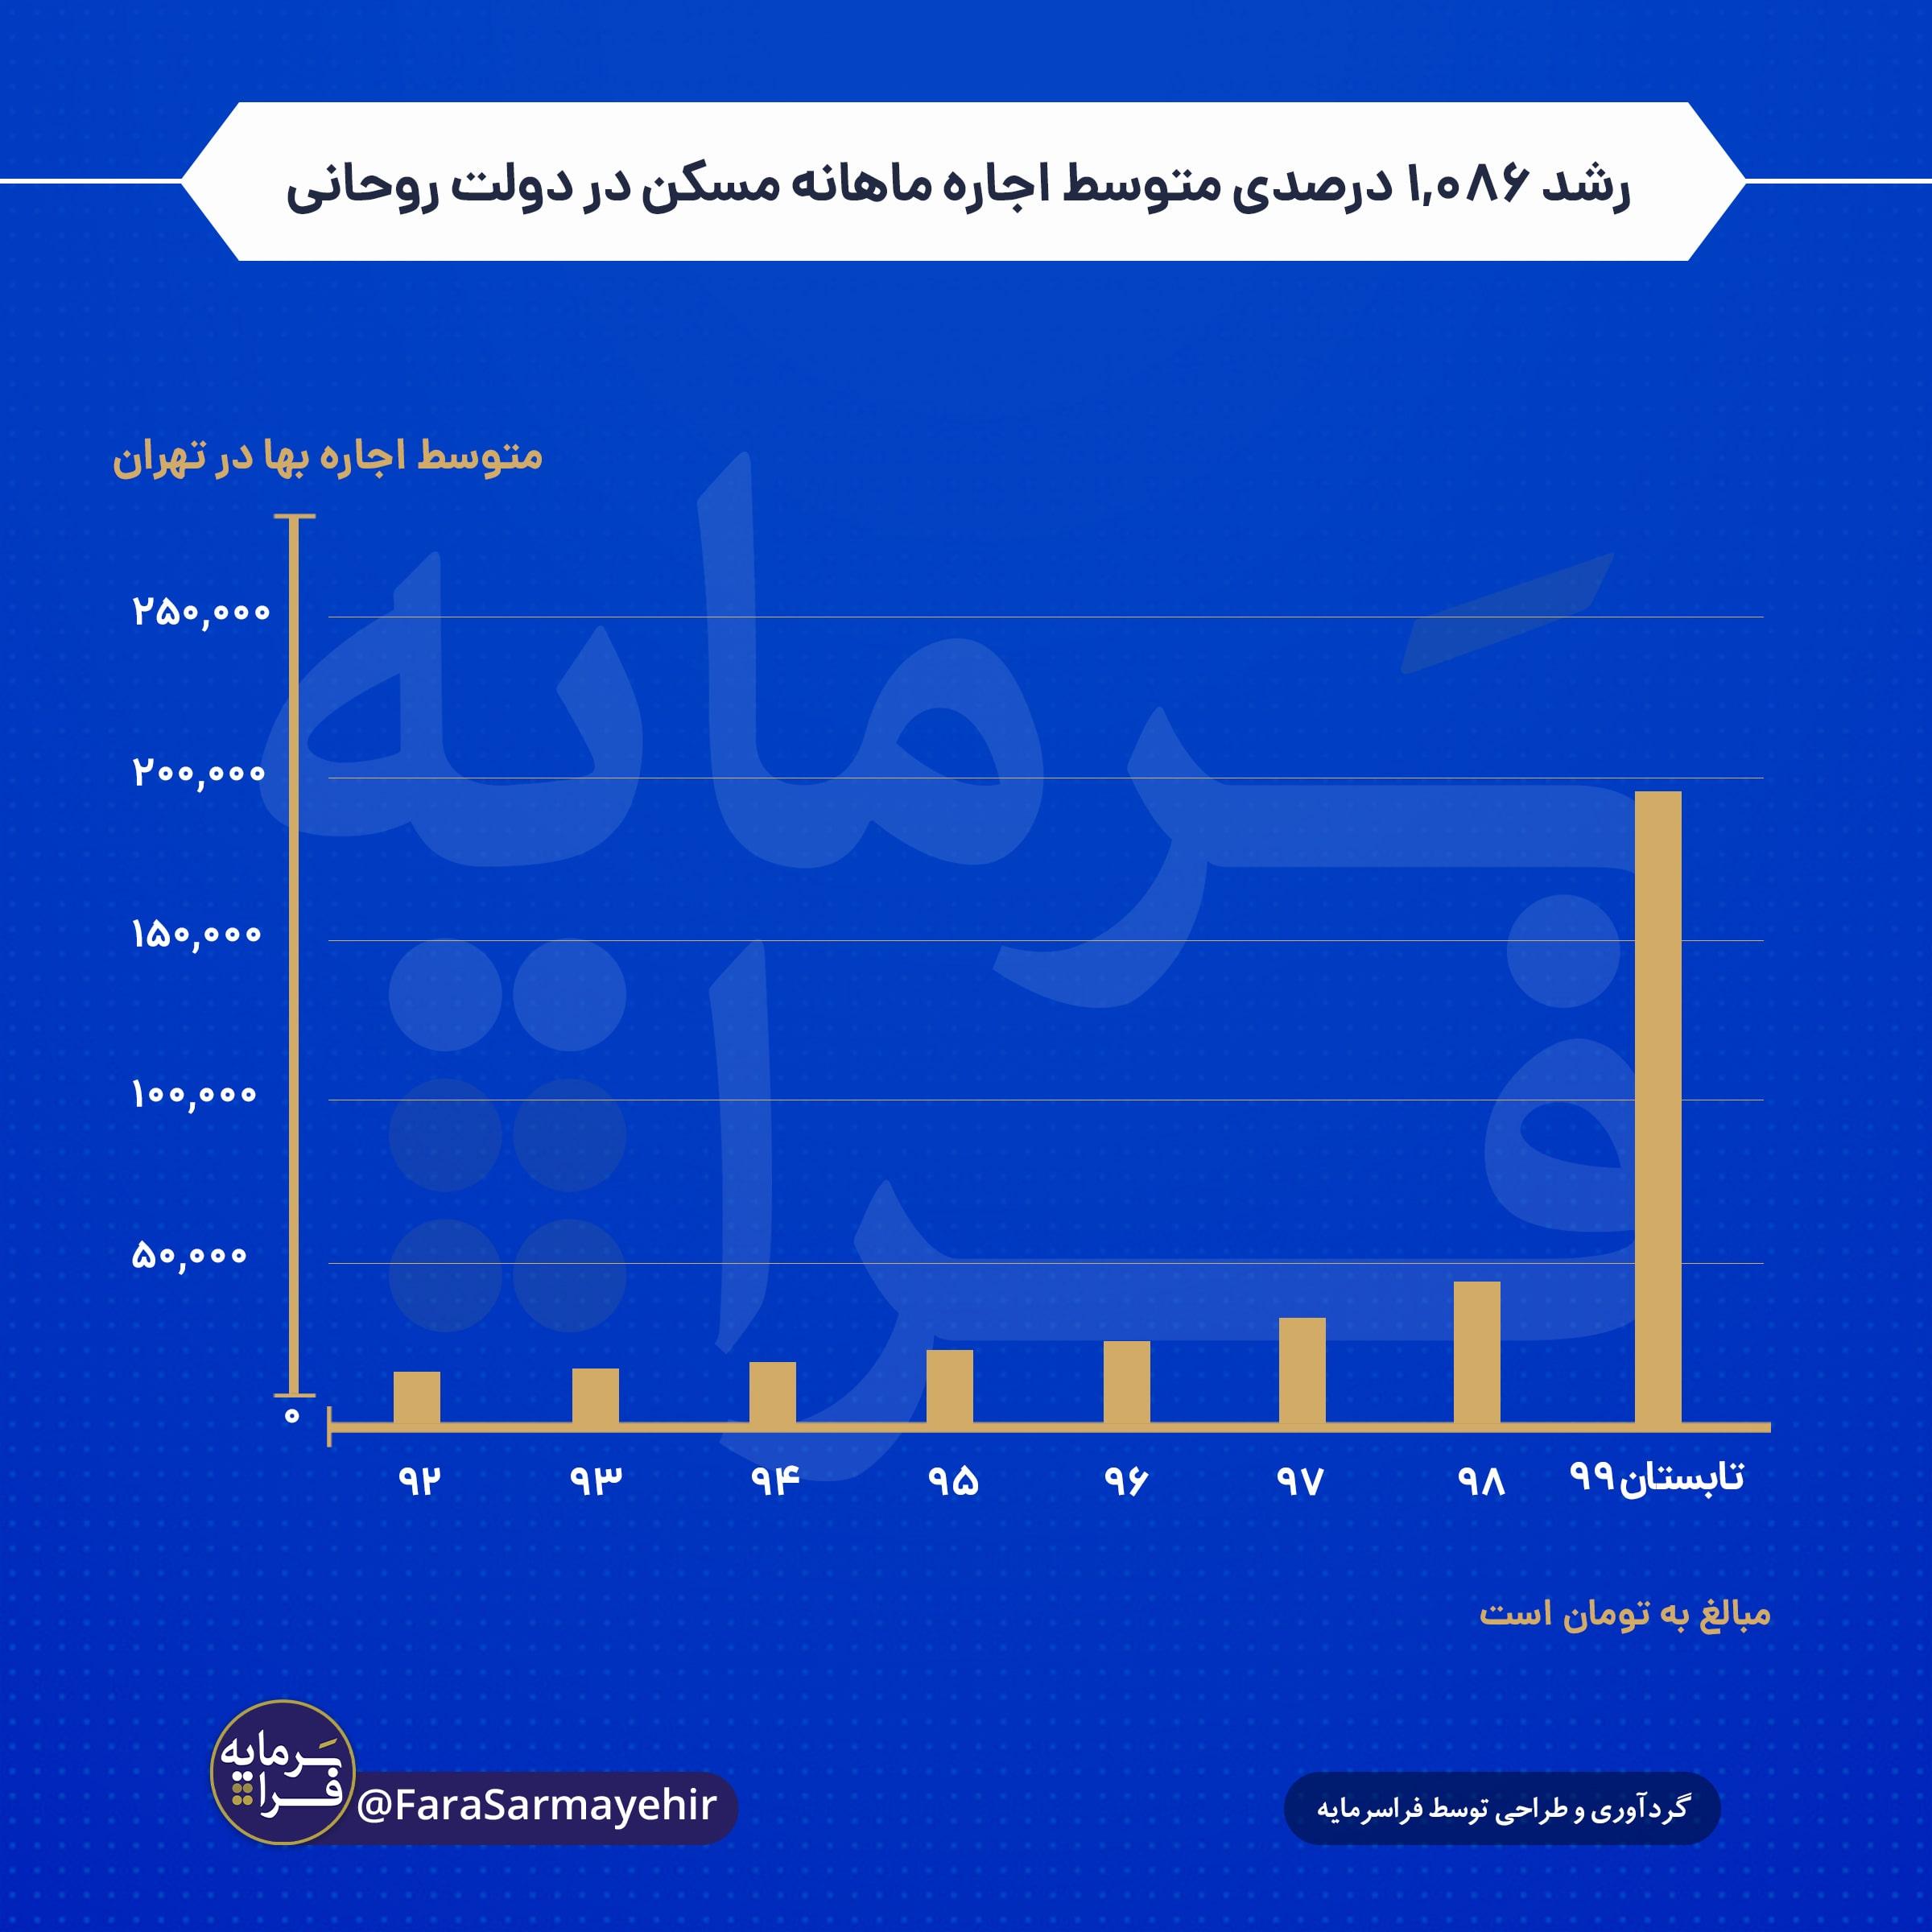 رشد ۱۰۸۶ درصدی متوسط اجاره ماهانه مسکن در دولت روحانی